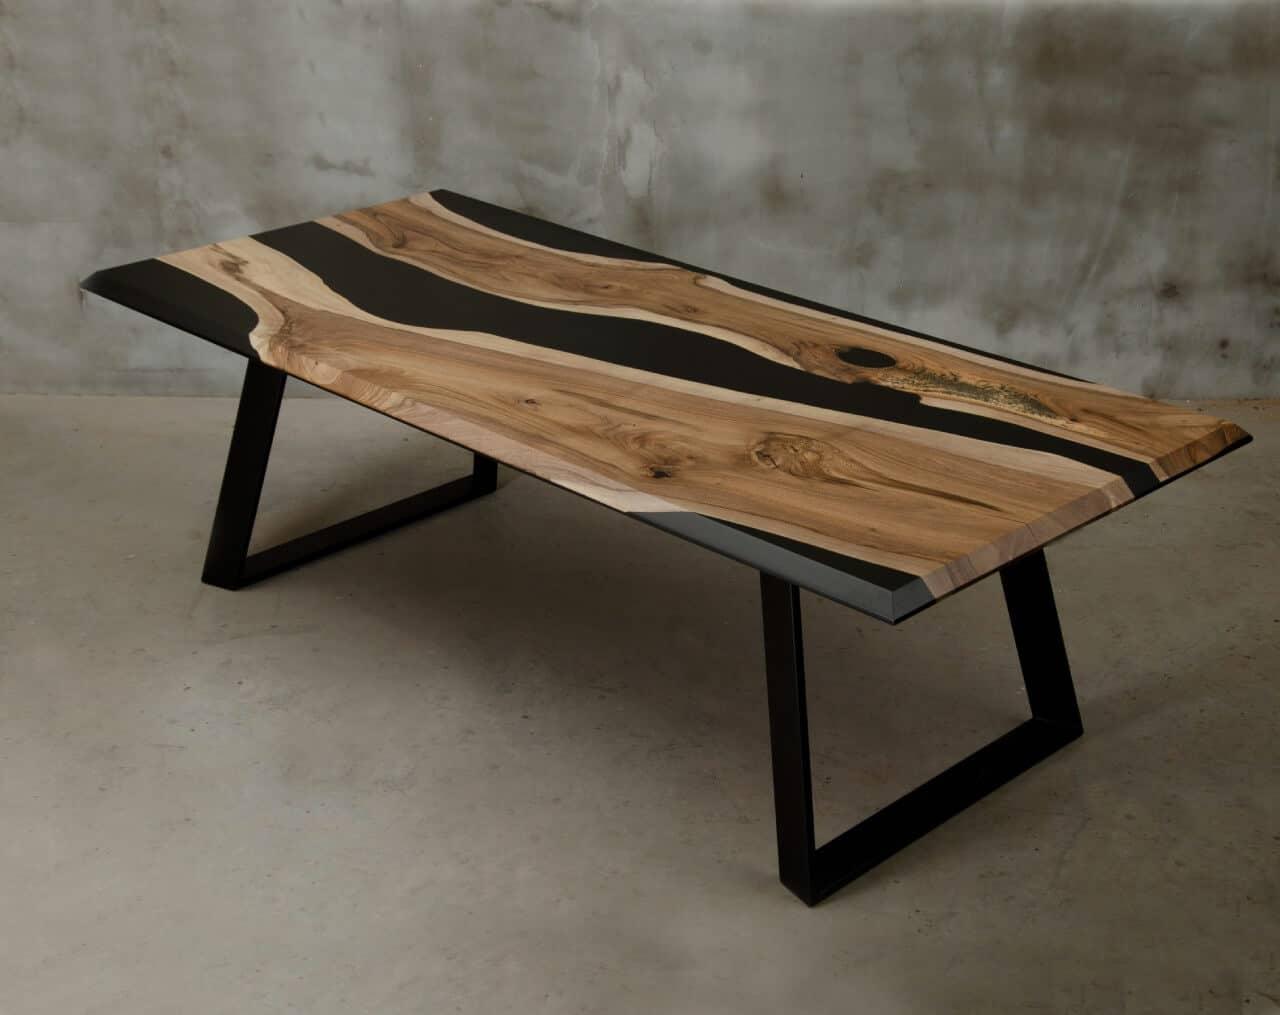 jasny stół drewniany zżywicą epoksydową na żelaznych metalowych ciemnoszarych nogach